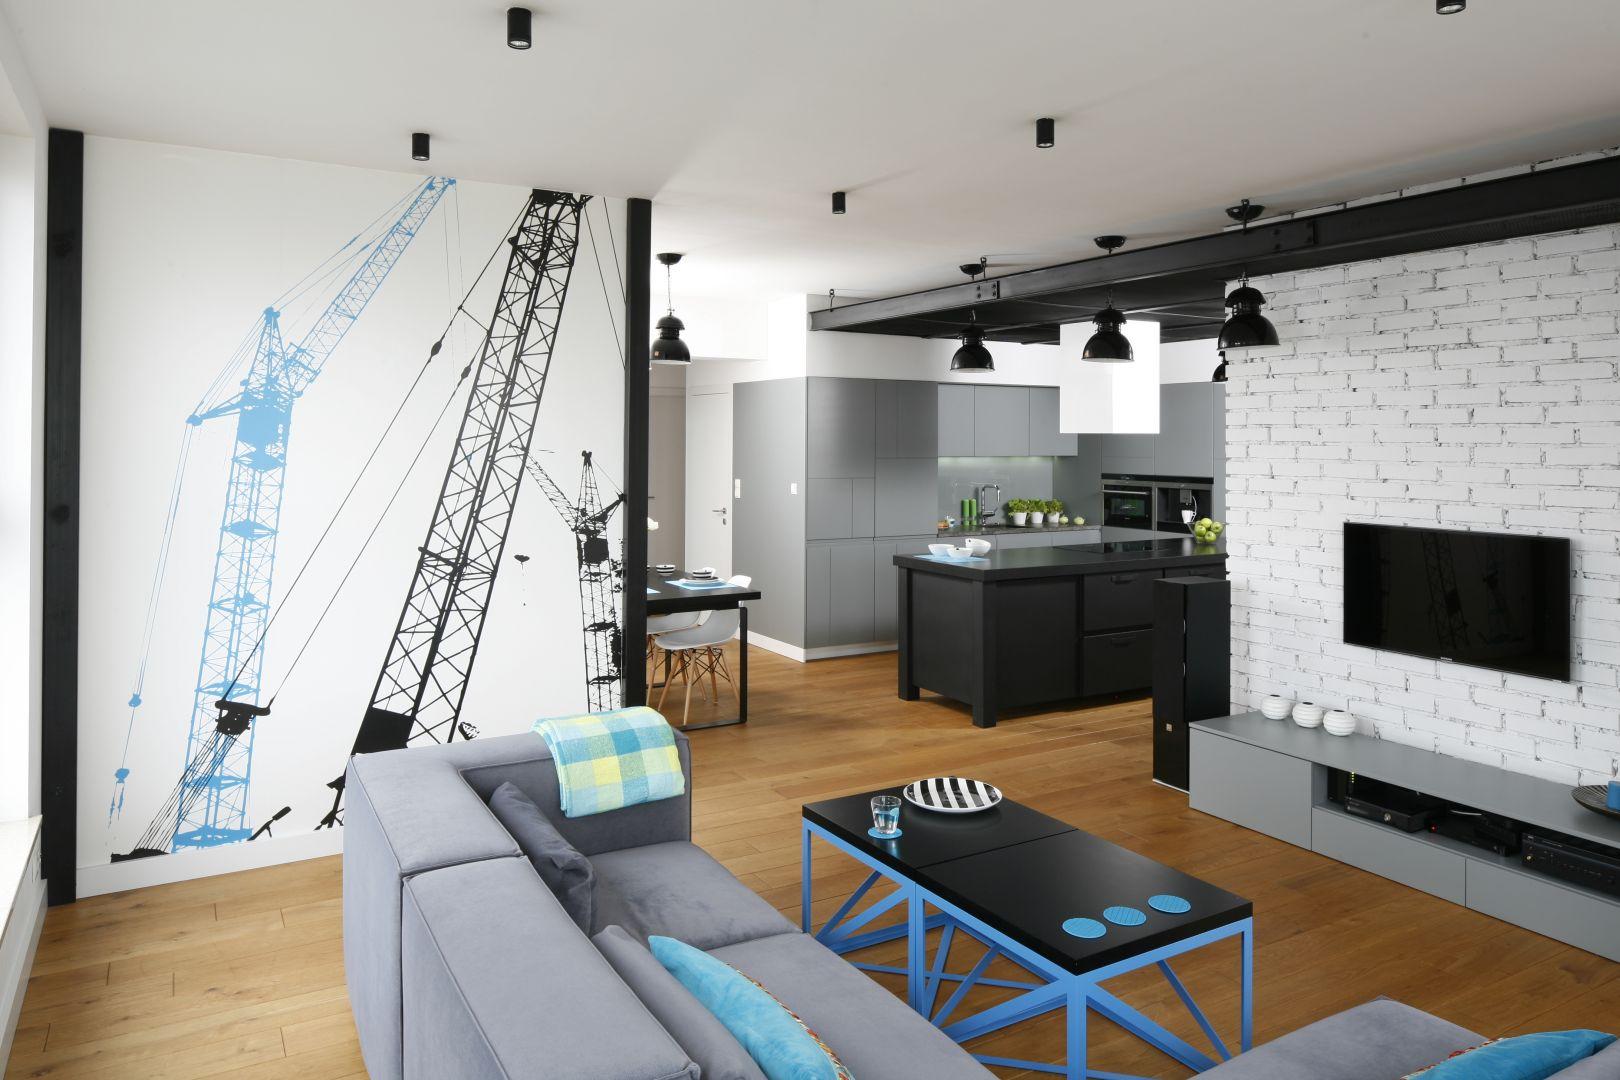 Telewizor w salonie - pomysł na ścianę. Projekt: Monika i Adam Bronikowscy. Fot. Bartosz Jarosz